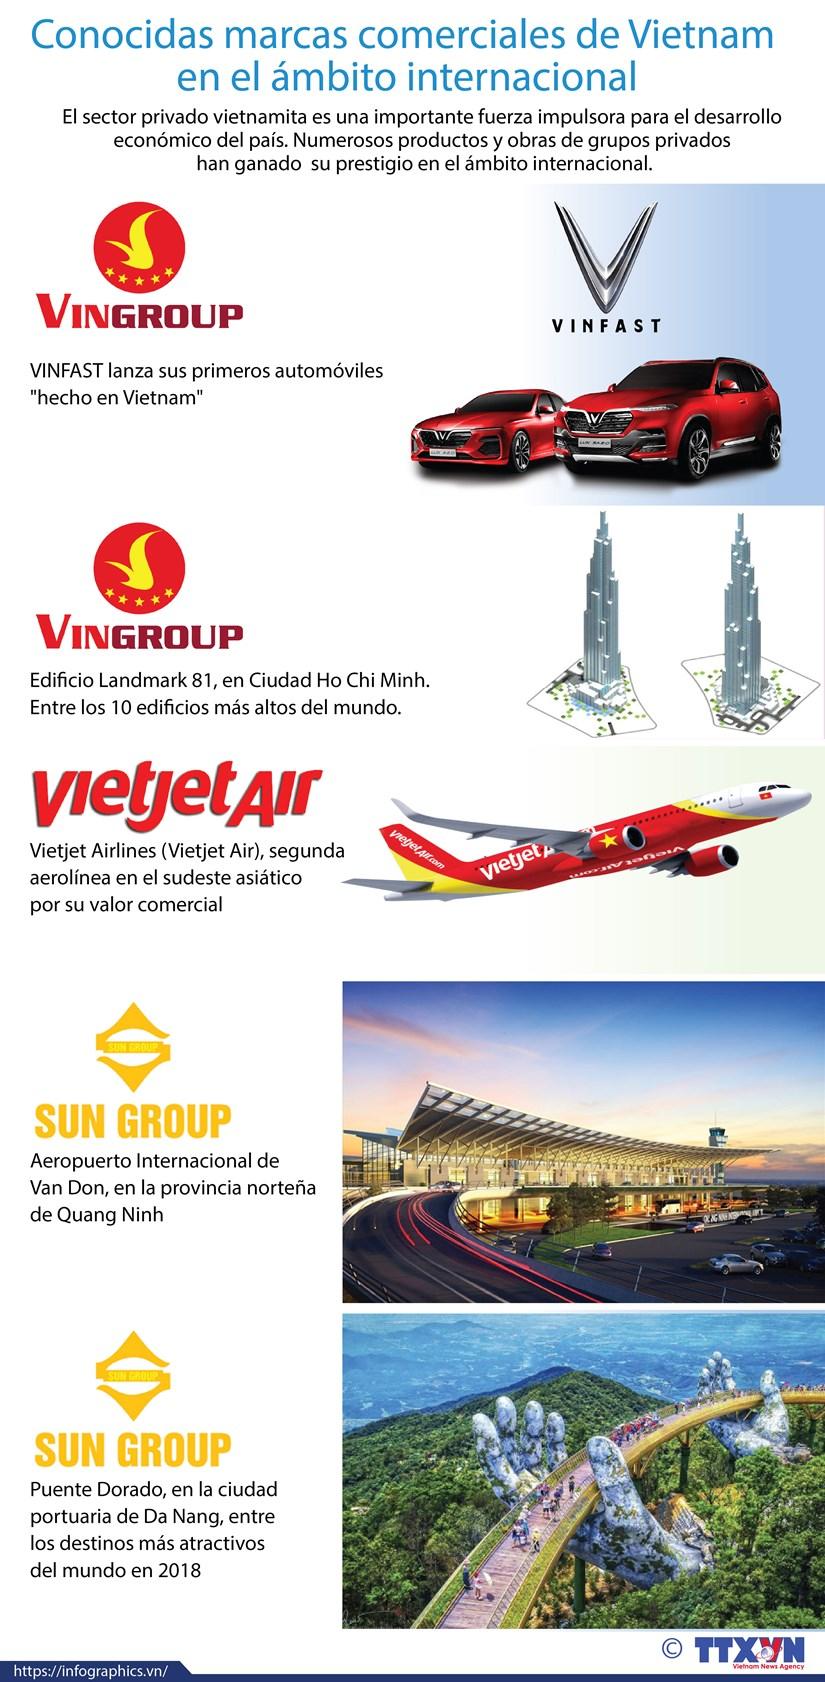 [Info] Conocidas marcas comerciales de Vietnam en el ambito internacional hinh anh 1